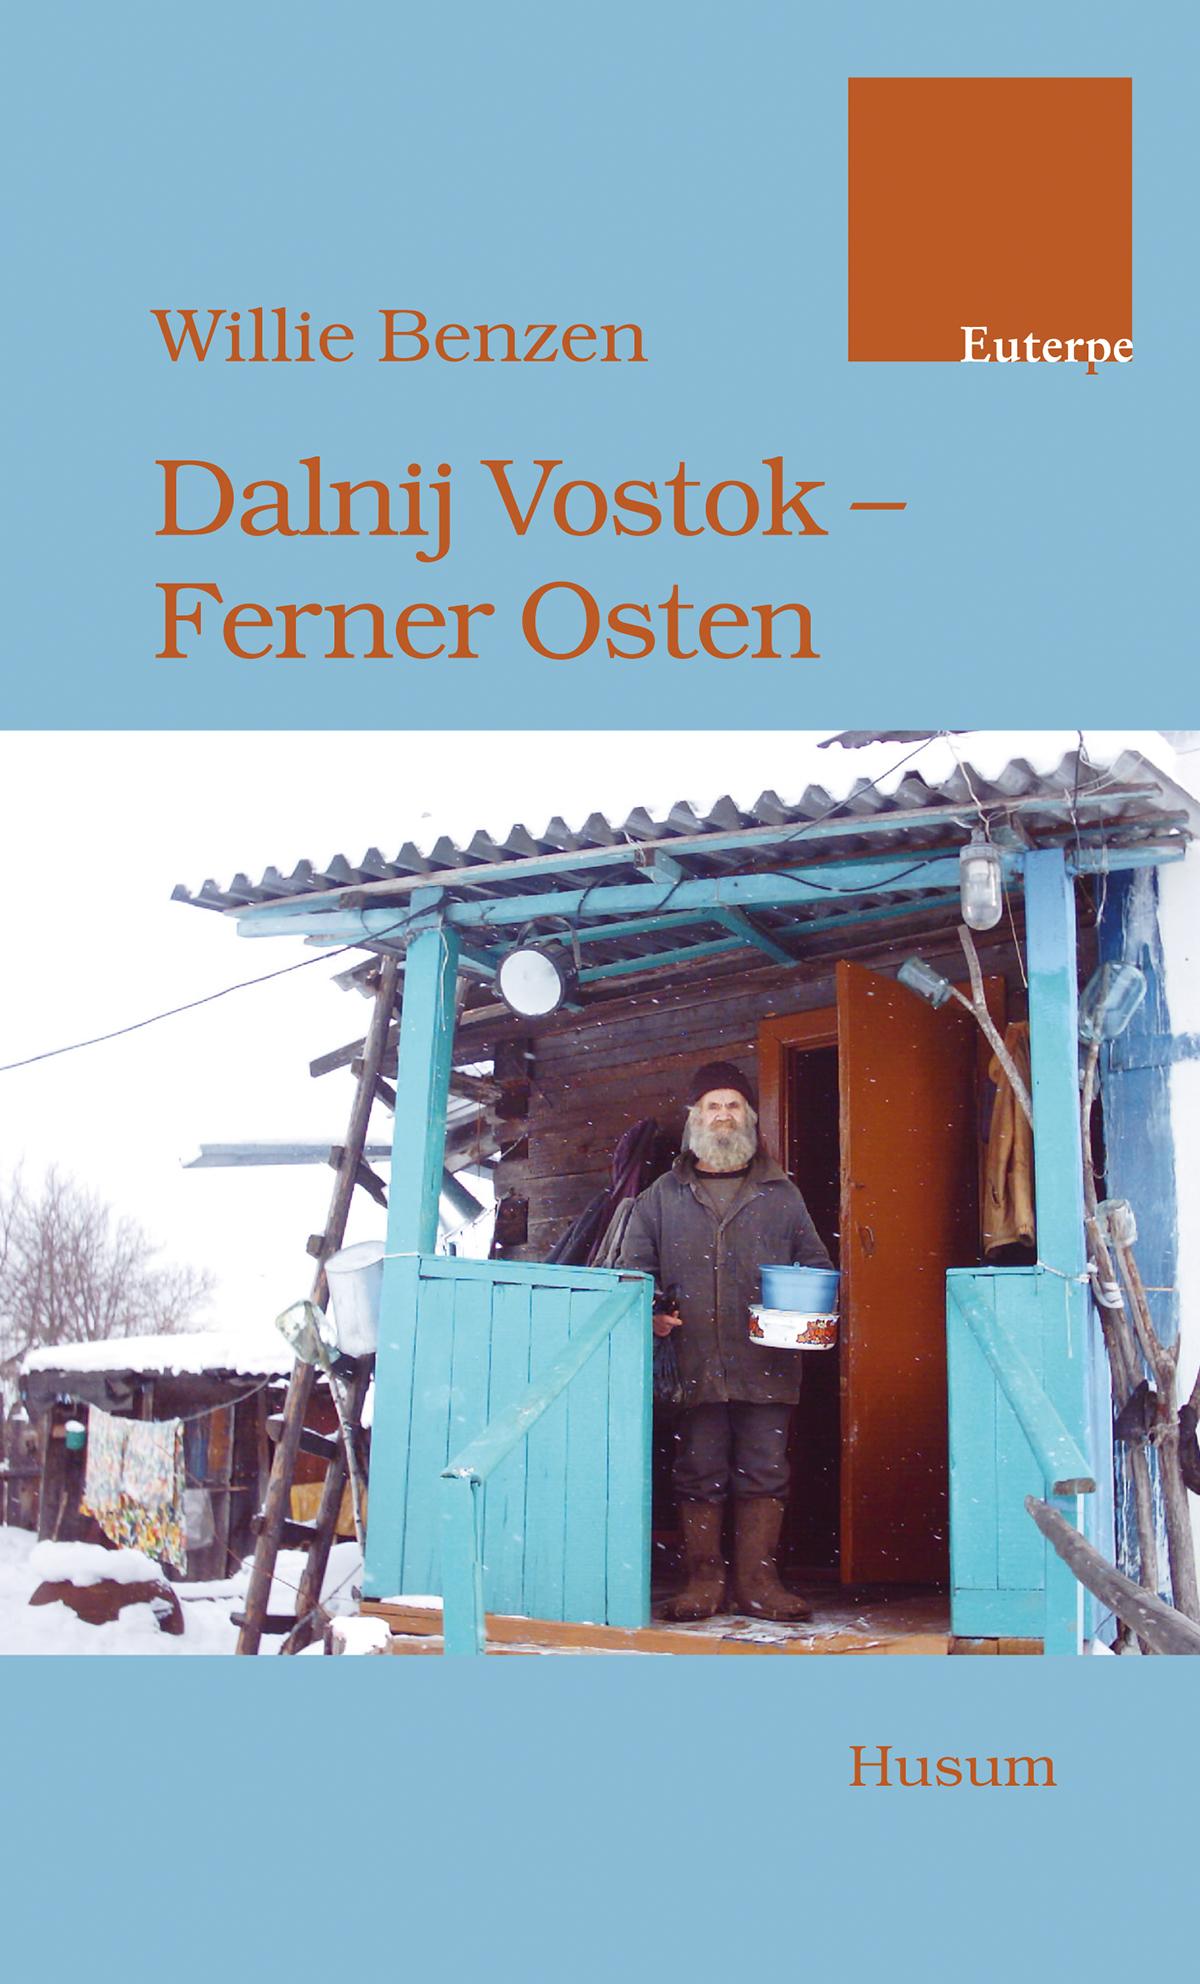 Dalnij Vostok - Ferner Osten Willie Benzen